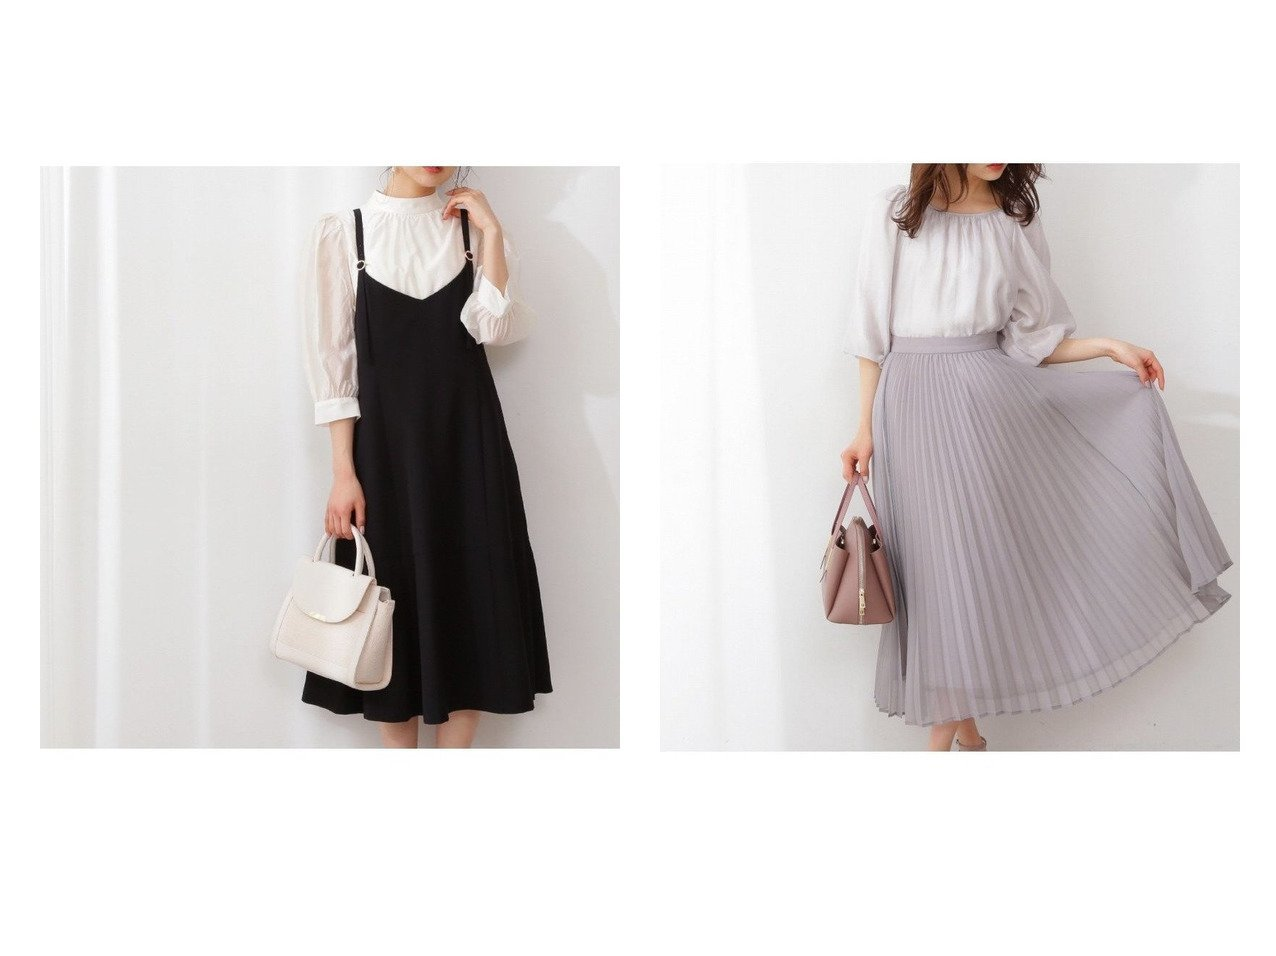 【PROPORTION BODY DRESSING/プロポーション ボディドレッシング】のシアープリーツスカート&マーメイドラインジャンパースカート 【スカート】おすすめ!人気、トレンド・レディースファッションの通販   おすすめで人気の流行・トレンド、ファッションの通販商品 メンズファッション・キッズファッション・インテリア・家具・レディースファッション・服の通販 founy(ファニー) https://founy.com/ ファッション Fashion レディースファッション WOMEN スカート Skirt プリーツスカート Pleated Skirts NEW・新作・新着・新入荷 New Arrivals カットソー ショルダー スタンダード フィット フレア マーメイド ロング シアー シンプル スウェット パーカー フェミニン プリーツ |ID:crp329100000026855